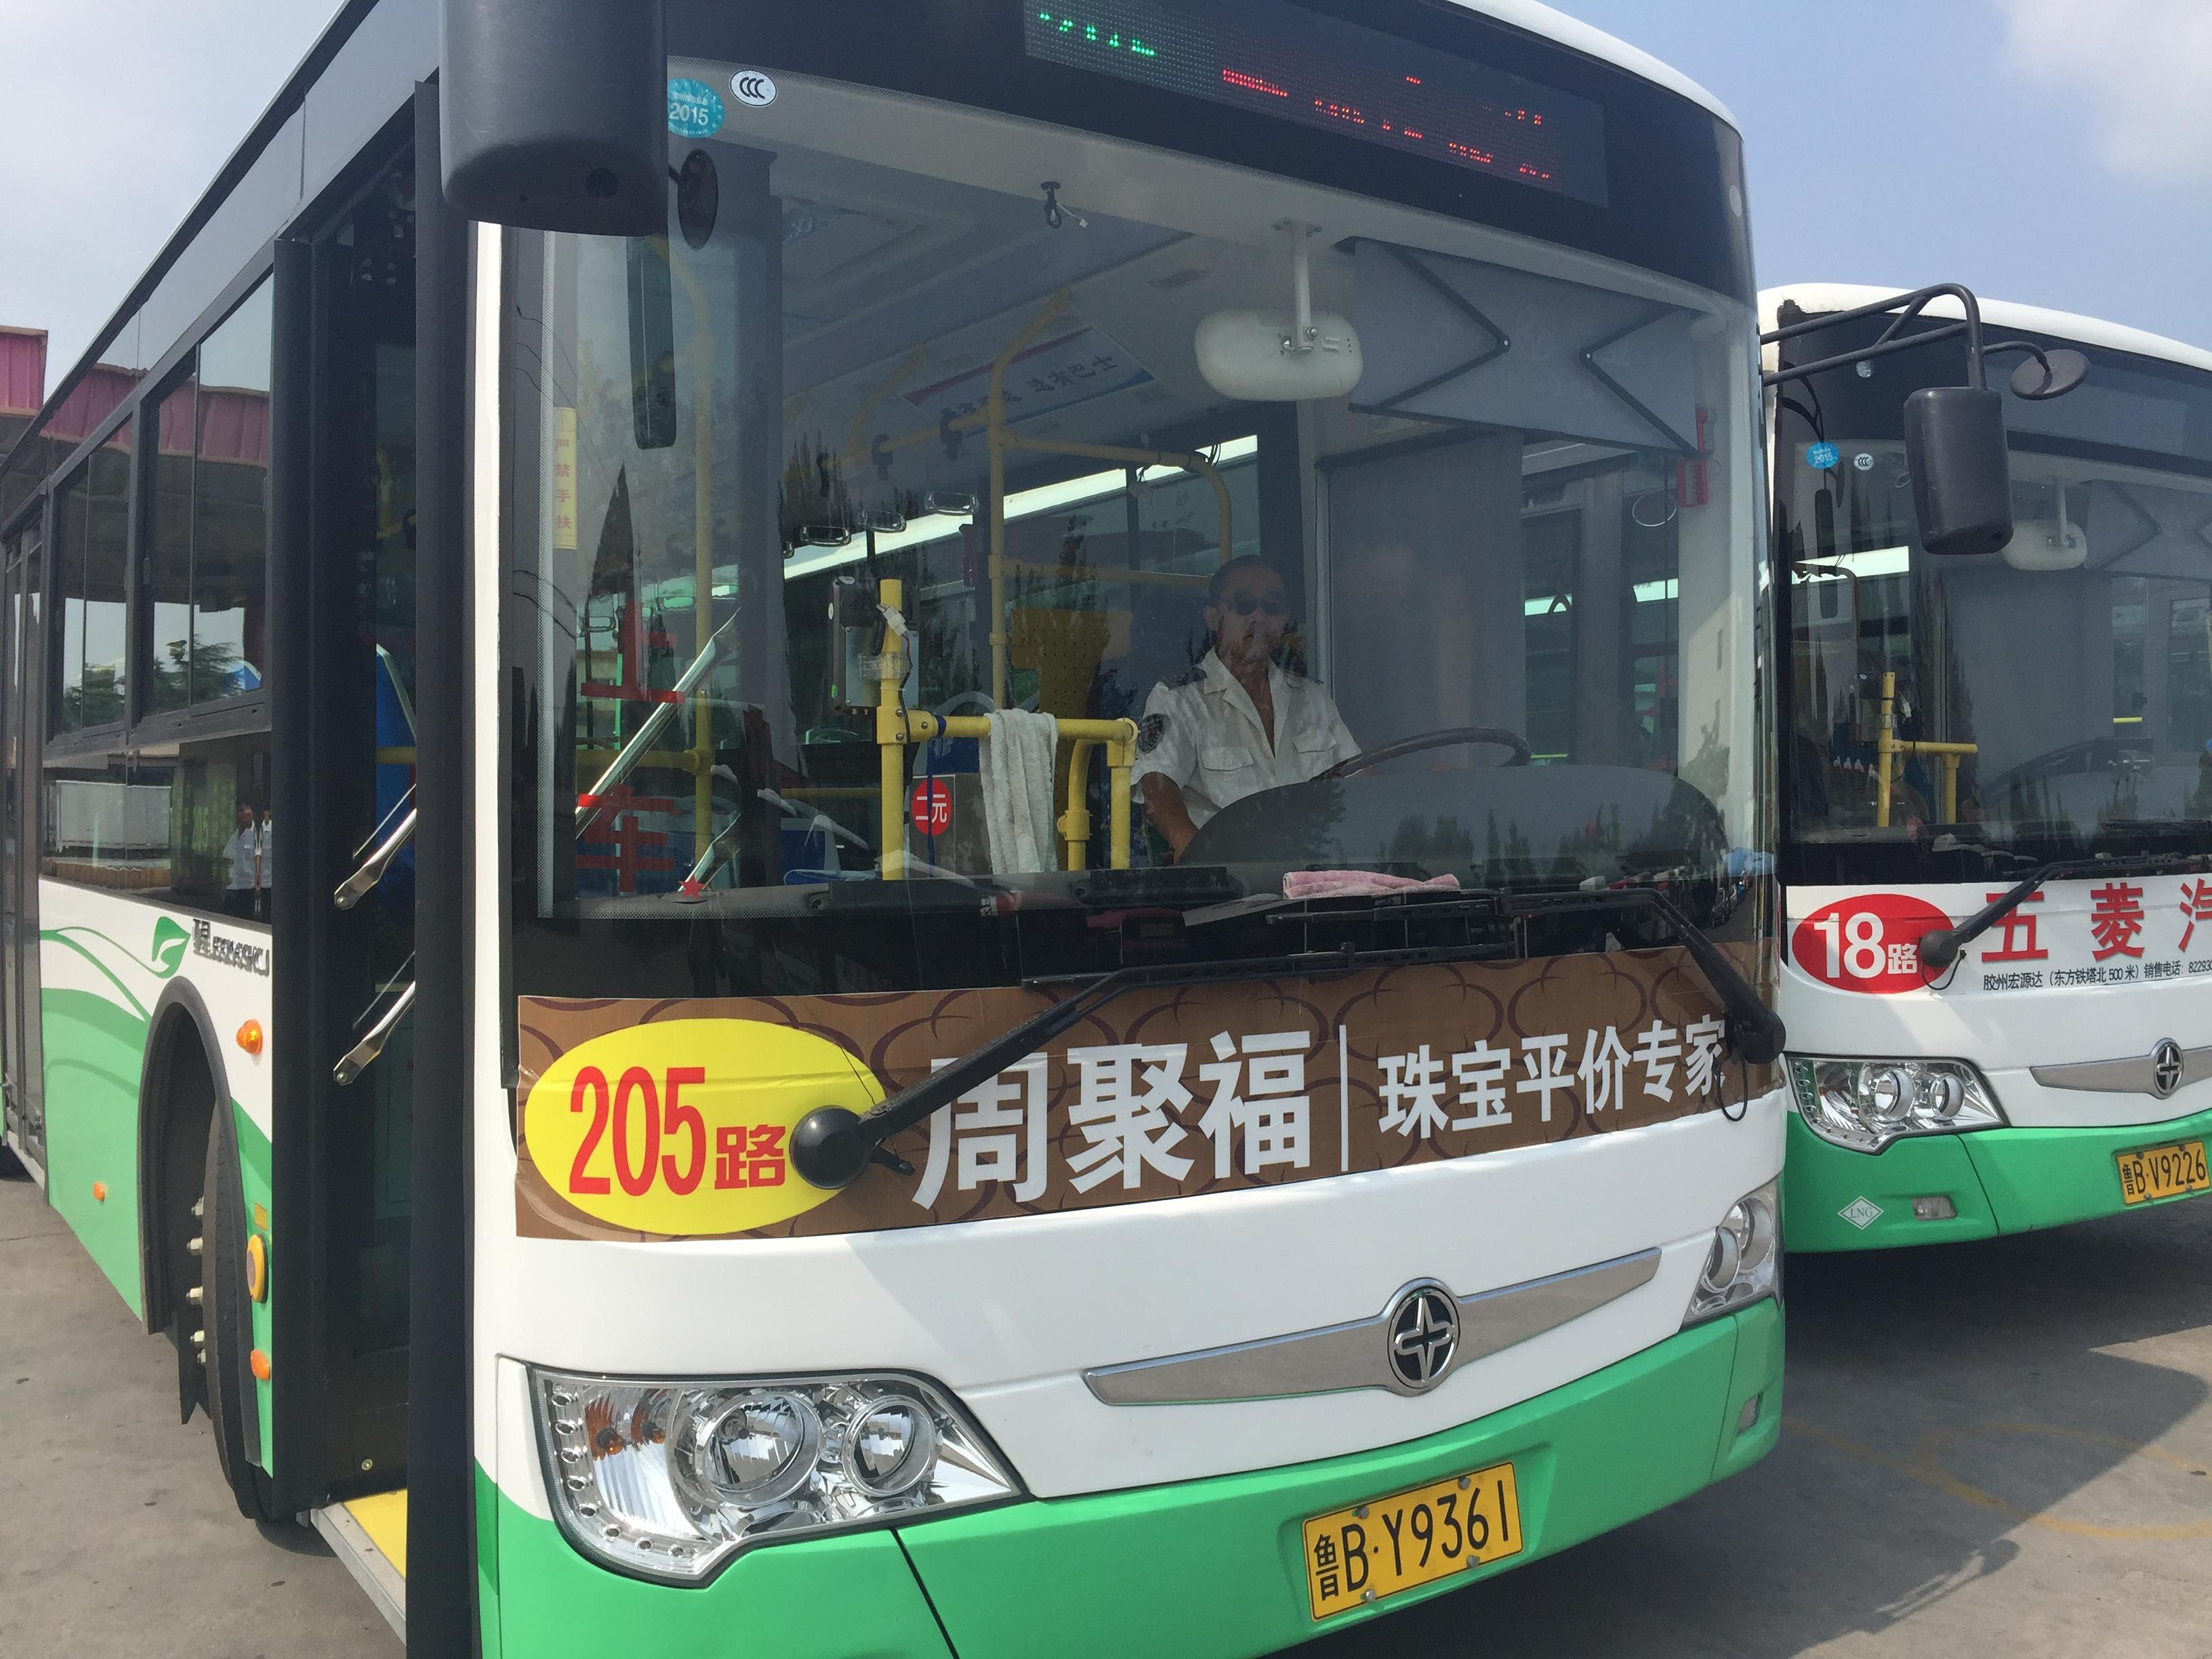 """经过多年的改进提升,亚星客车的产品稳定性得到胶州巴士的认可。在胶州巴士运营中的车辆中最多的便是亚星的10米和7米的天然气公交车。""""我们公交公司最怕的就是车辆出现问题,不仅耗费时间成本,而且给公交线路的正常运营带来影响。而亚星JS6106、JS67 70都是亚星的经典车型,性能稳定,故障率很低,基本不用维修。所以我们选择和亚星客车合作""""张总告诉笔者。"""